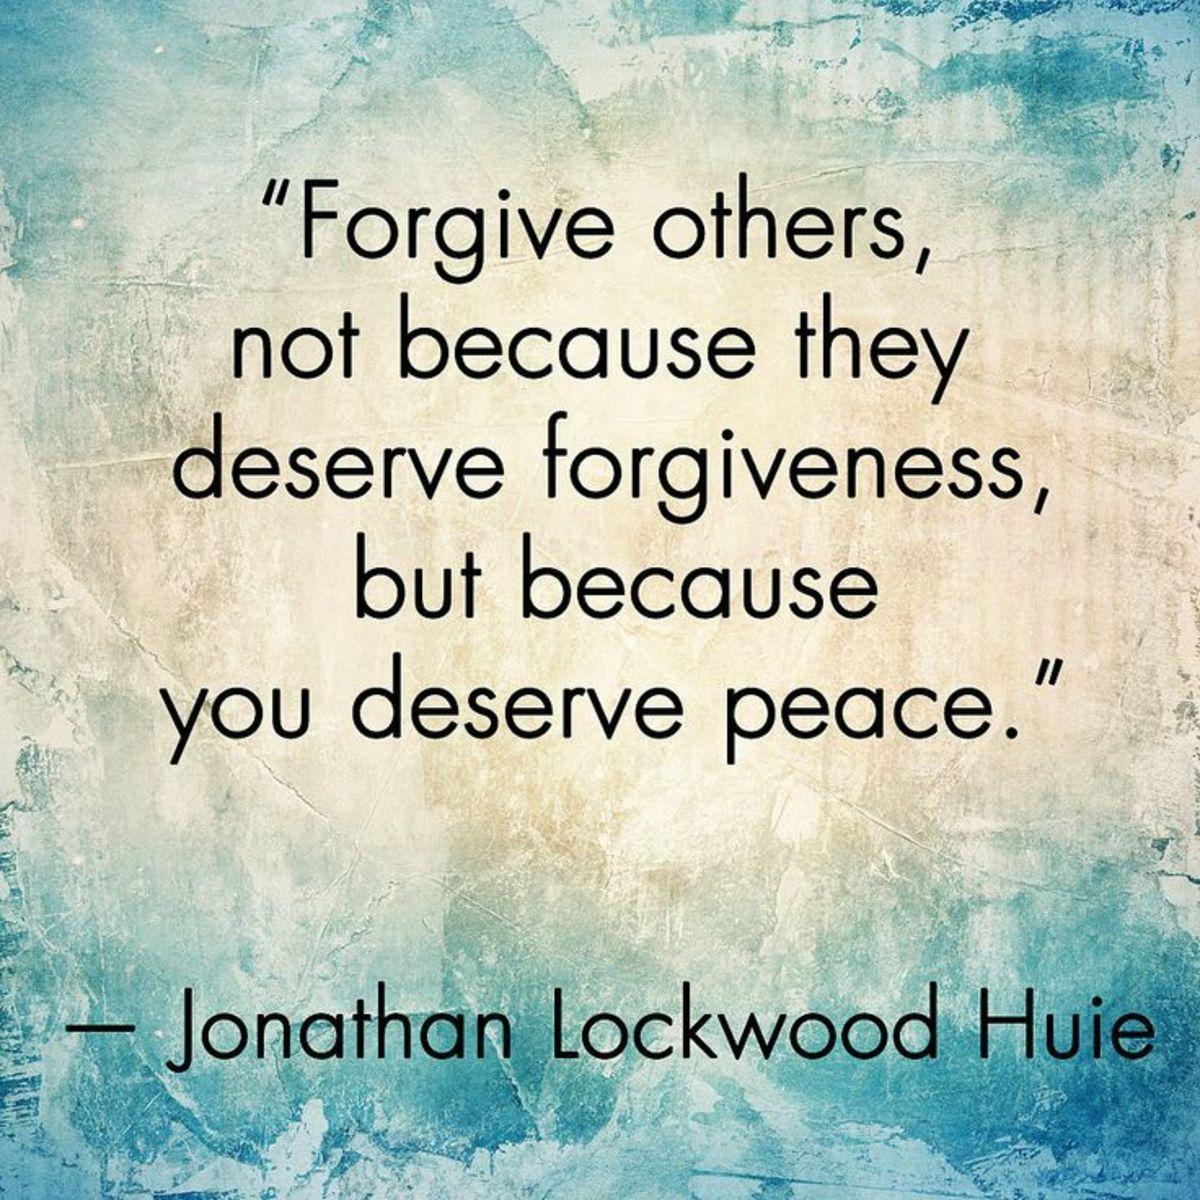 i-forgive-you-do-you-forgive-me